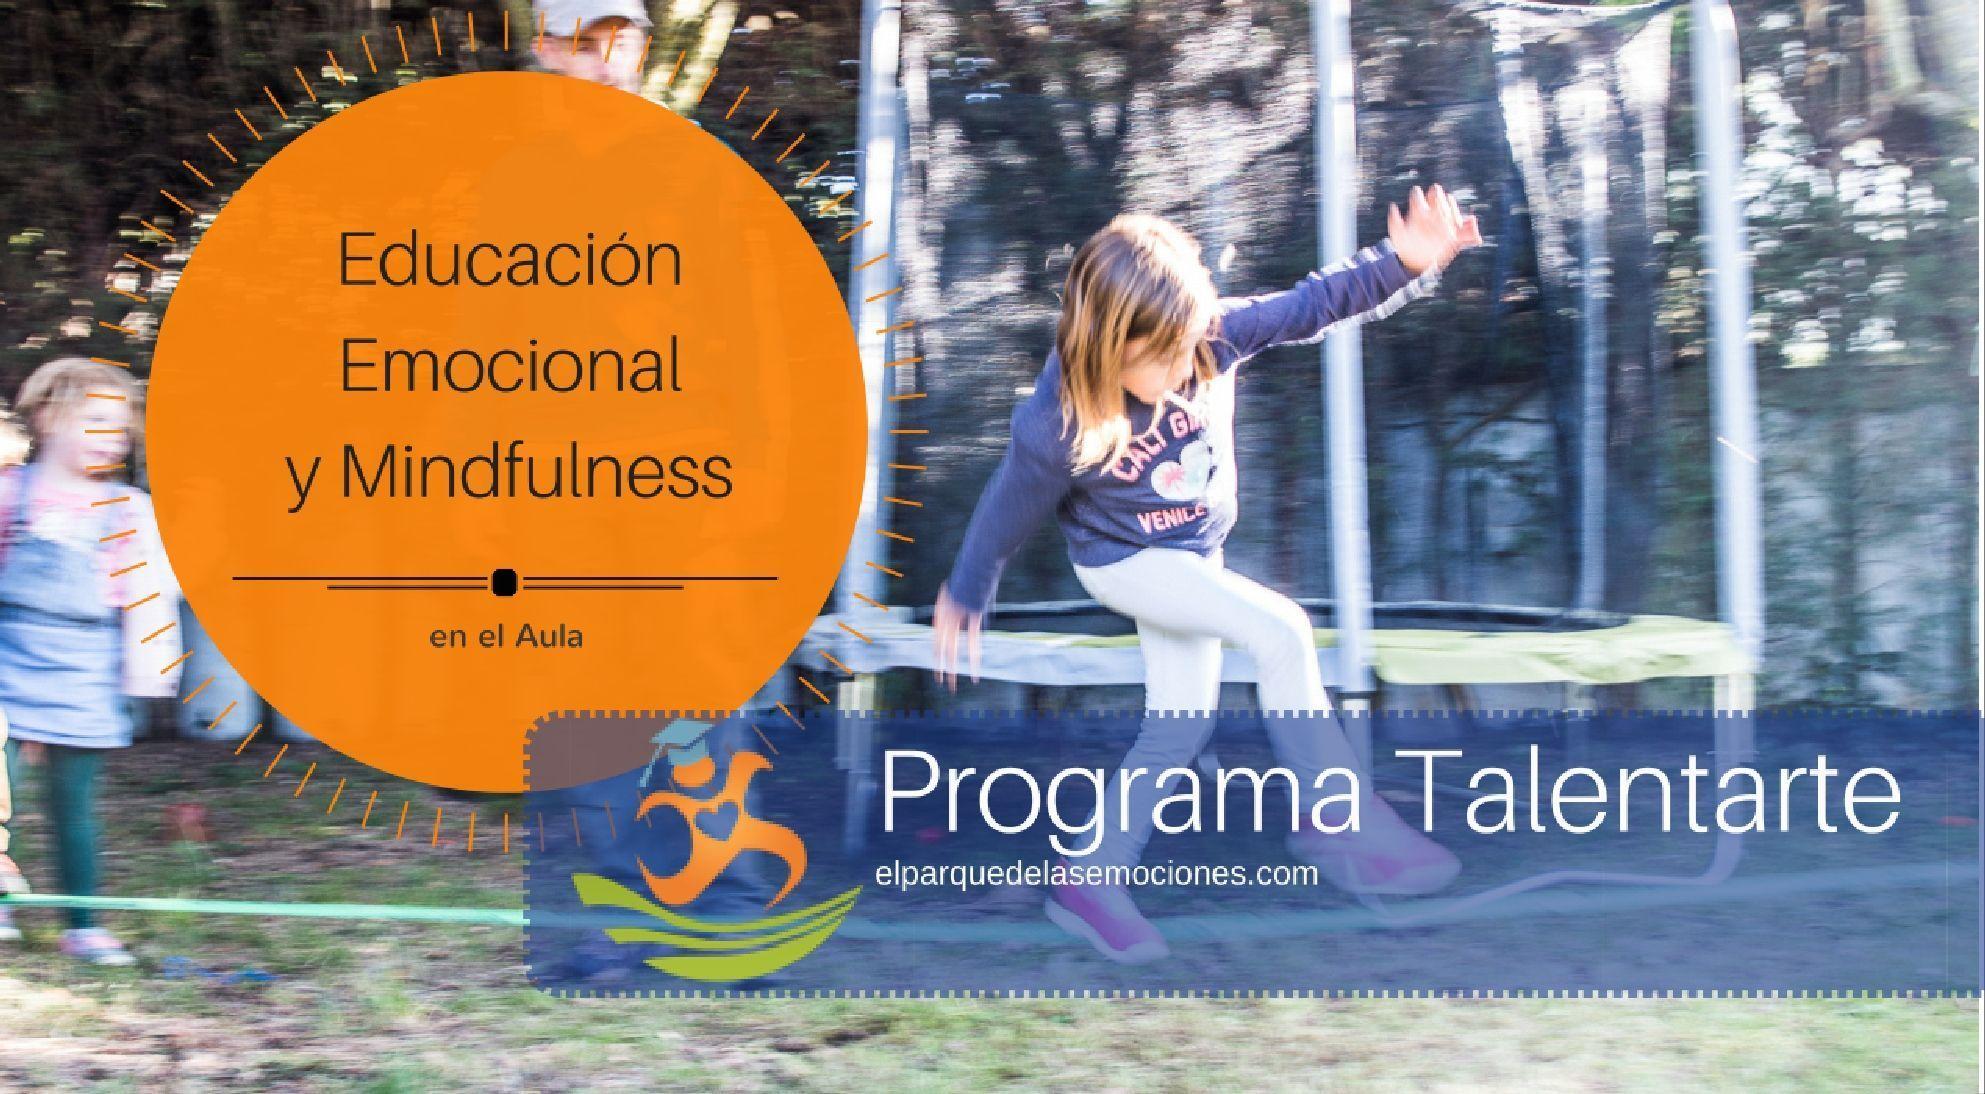 Educación emocional - Talentarte